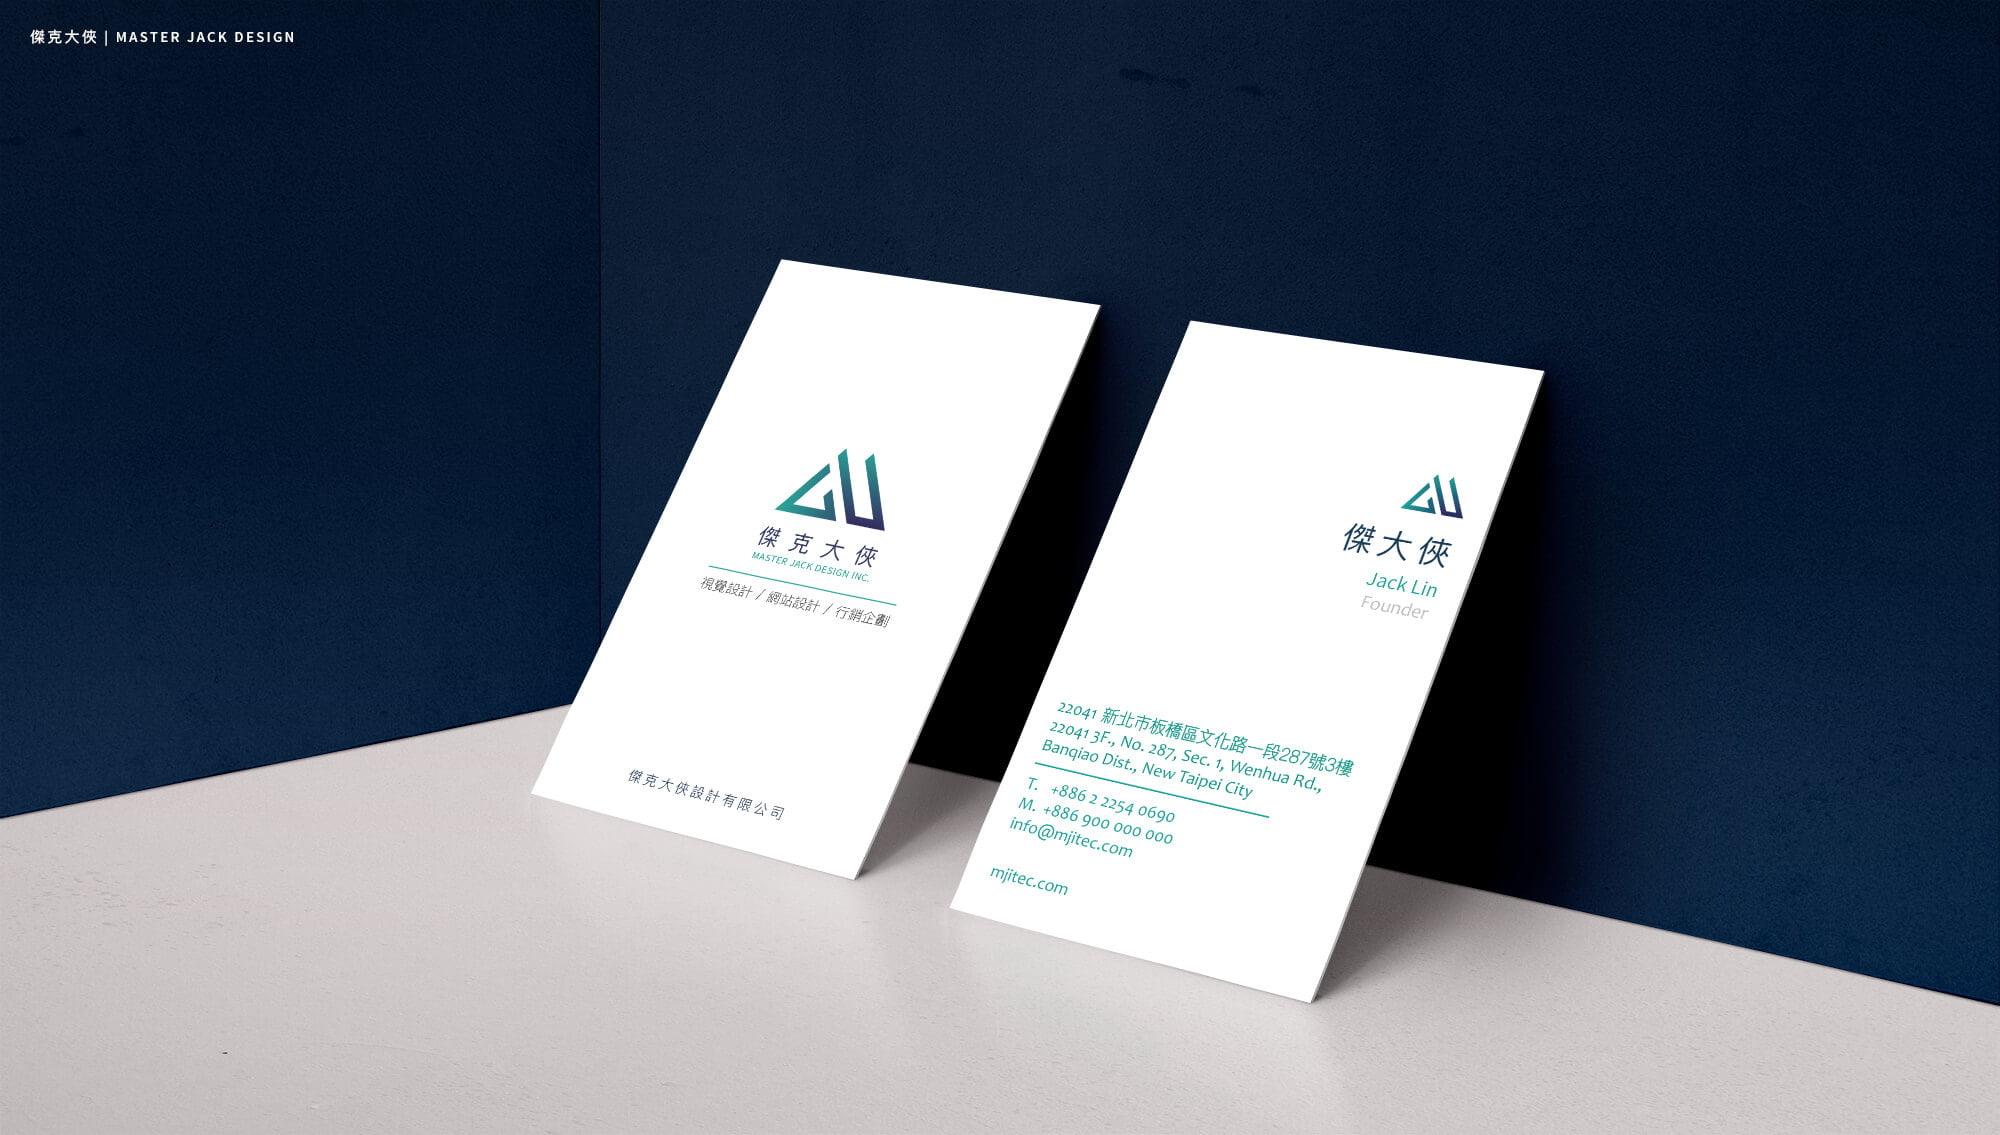 品牌CIS設計 | 傑克大俠平面設計 | 設計作品 | 包裝設計